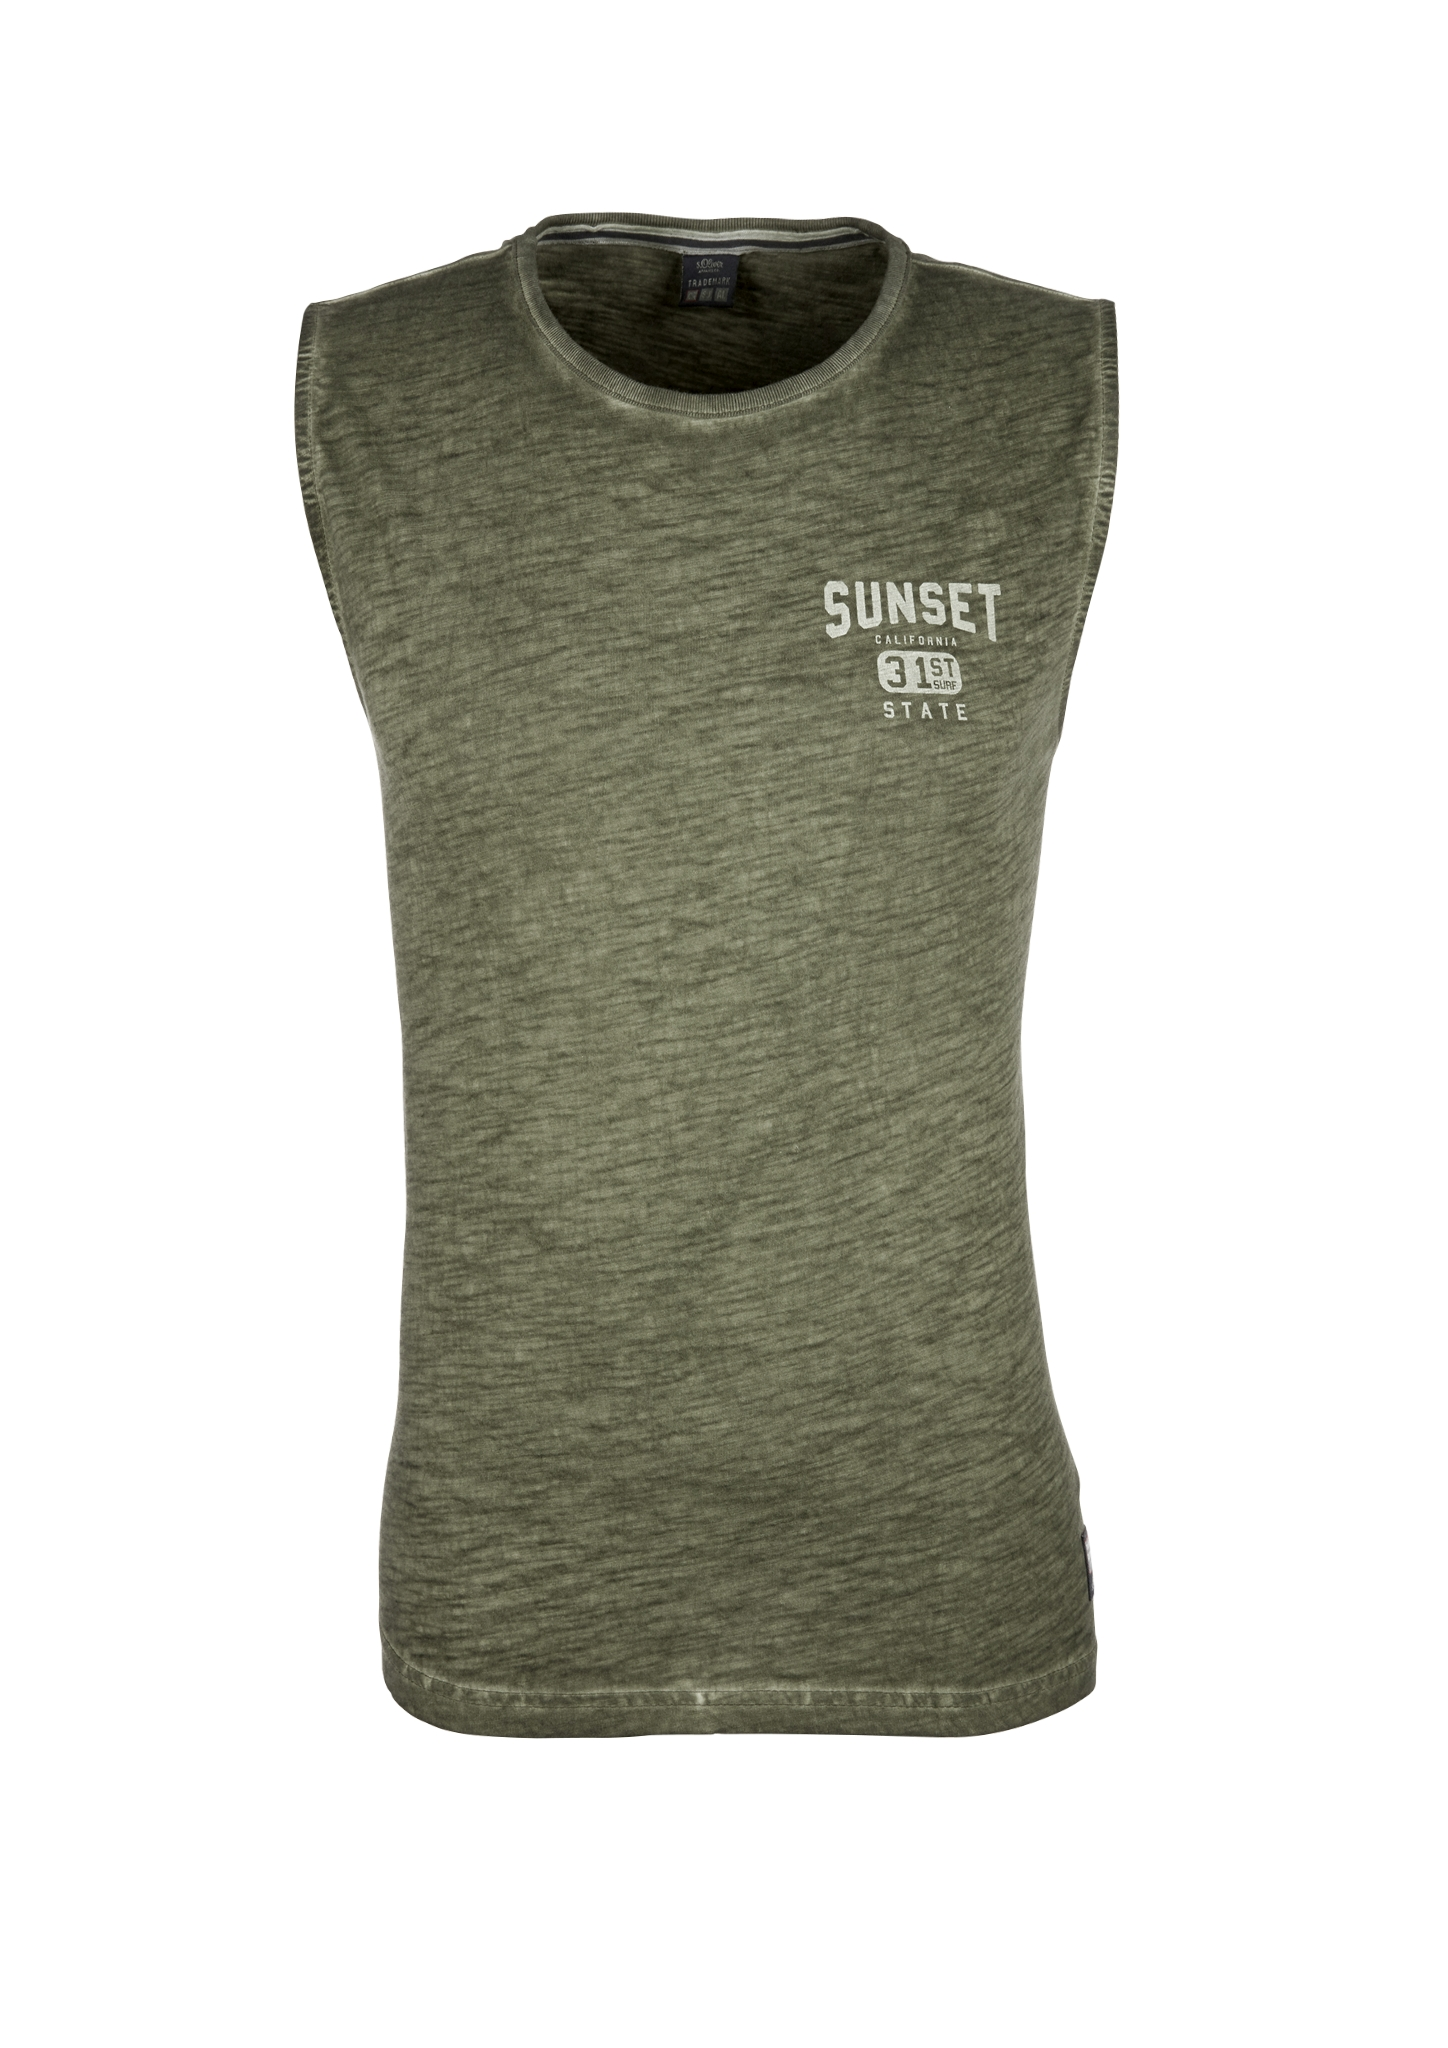 Tanktop | Sportbekleidung | Grün | 100% baumwolle | s.Oliver